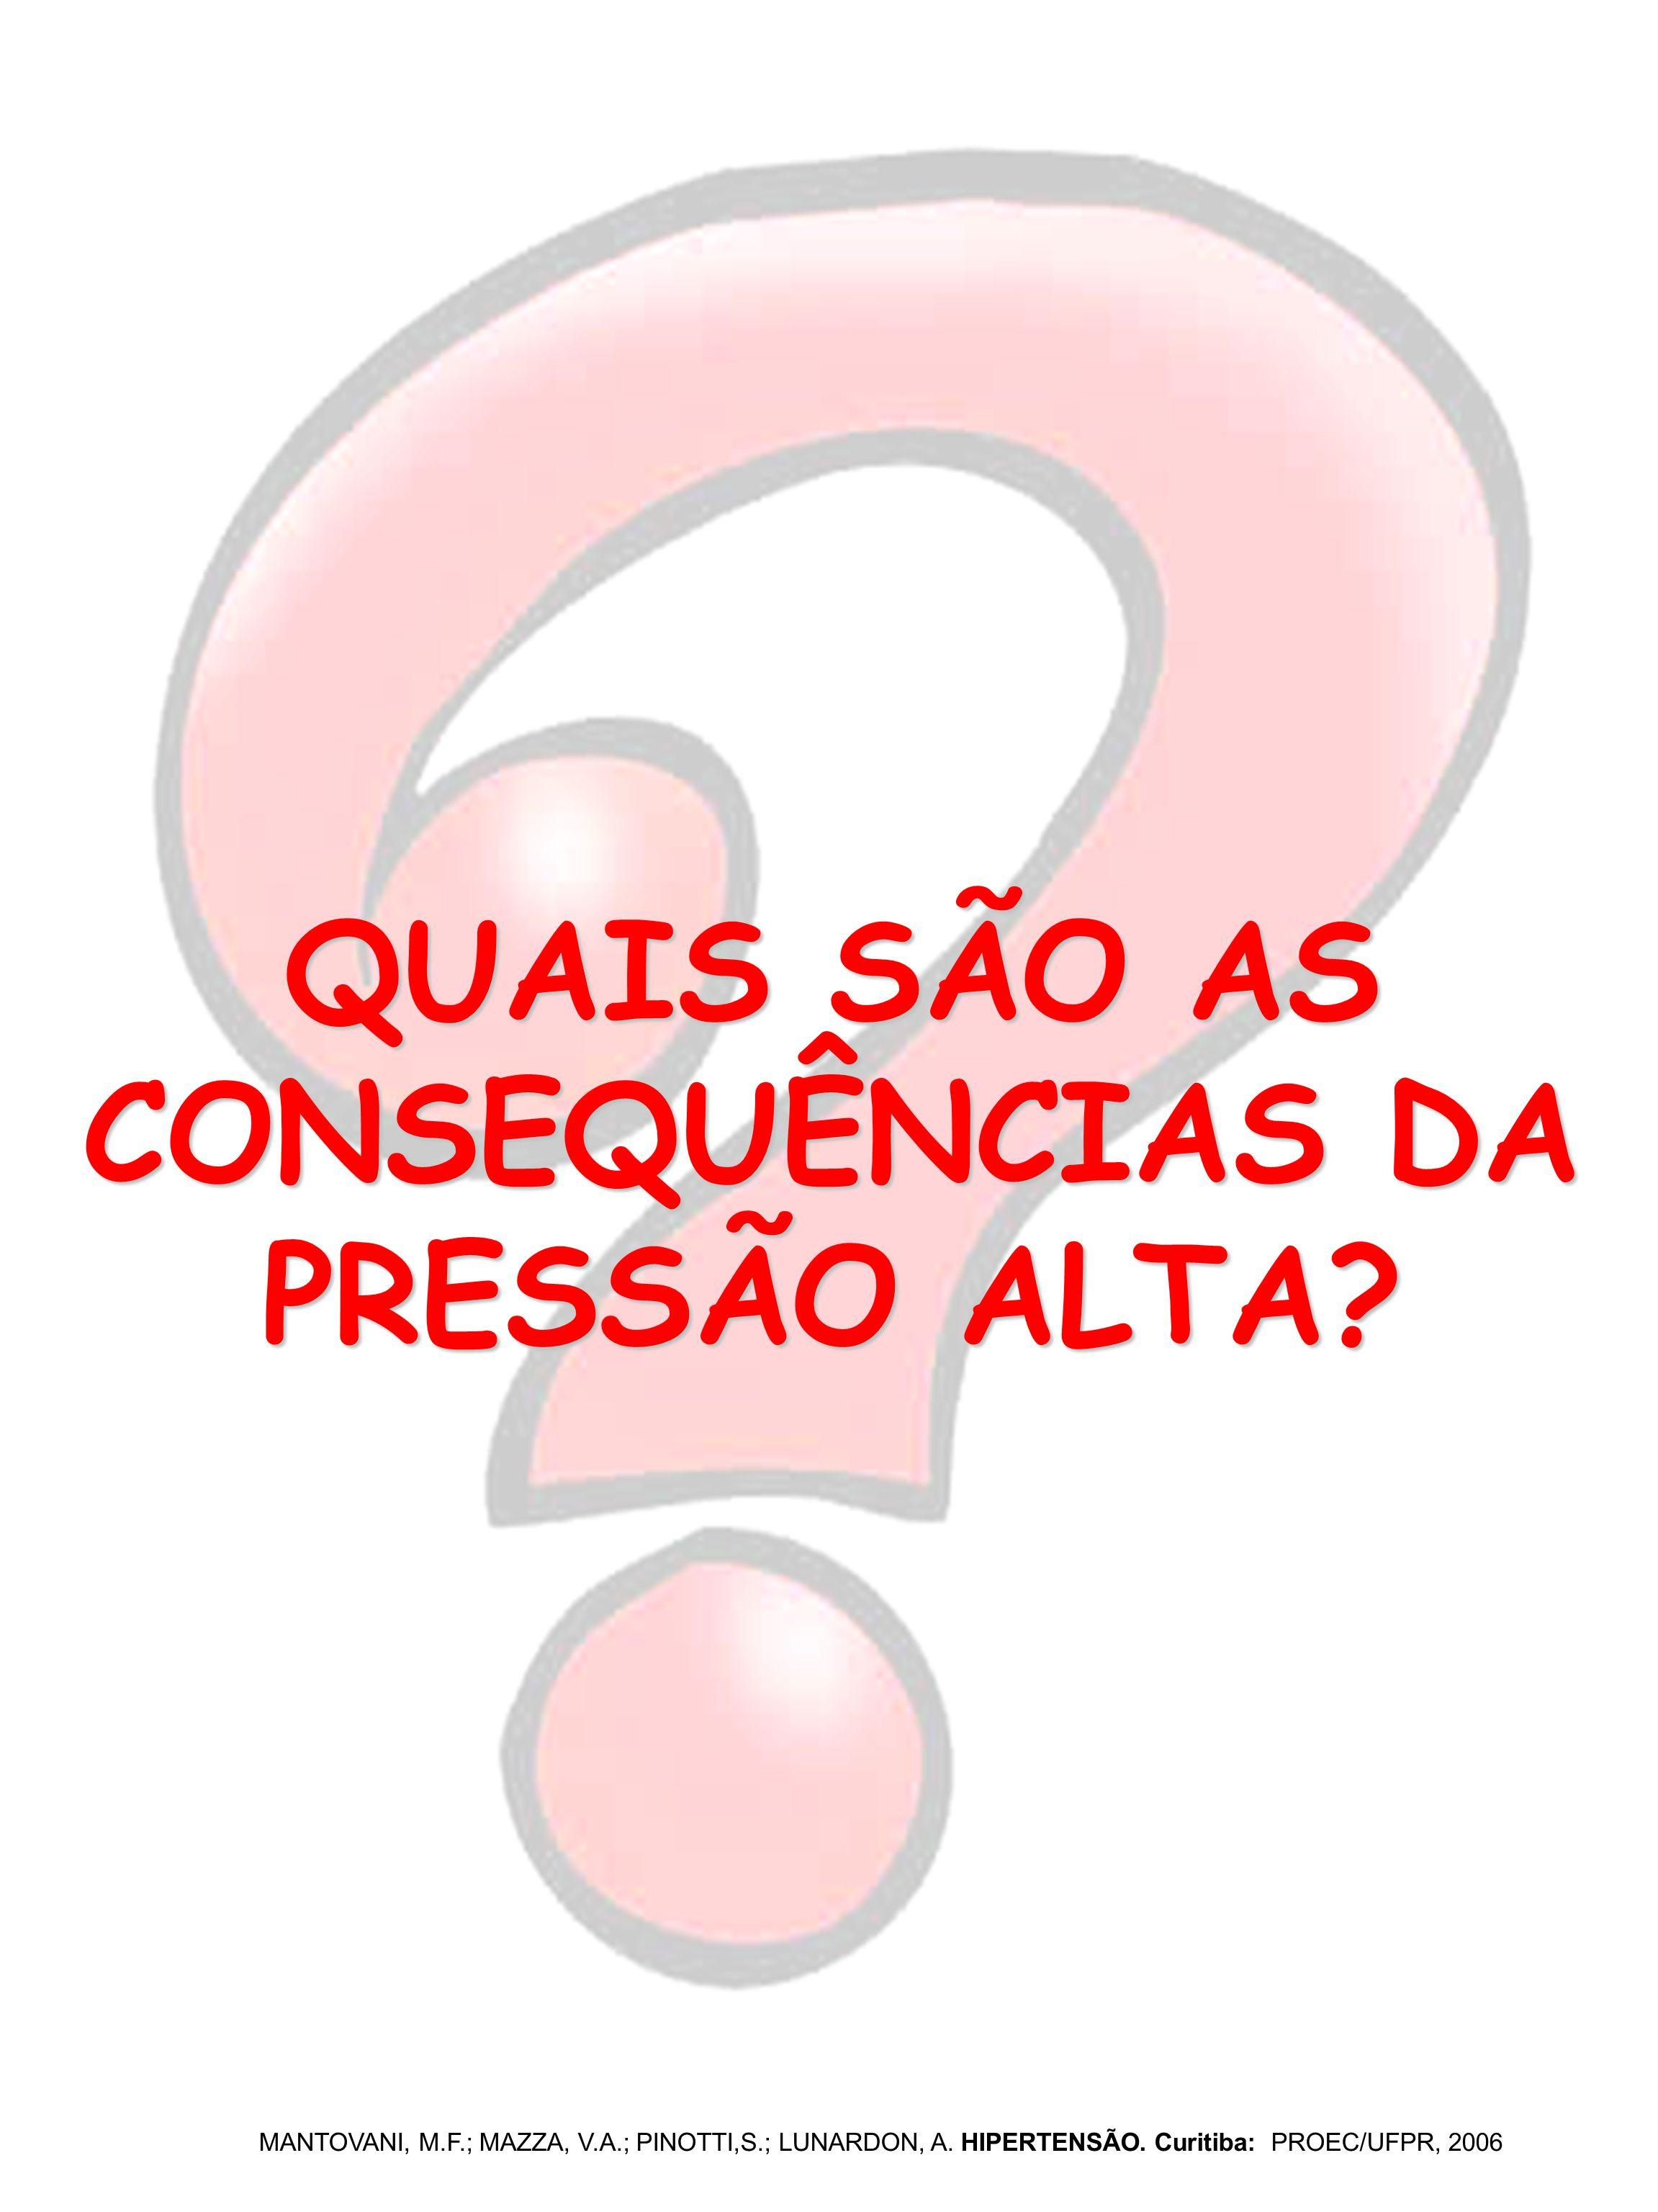 QUAIS SÃO AS CONSEQUÊNCIAS DA PRESSÃO ALTA? MANTOVANI, M.F.; MAZZA, V.A.; PINOTTI,S.; LUNARDON, A. HIPERTENSÃO. Curitiba: PROEC/UFPR, 2006